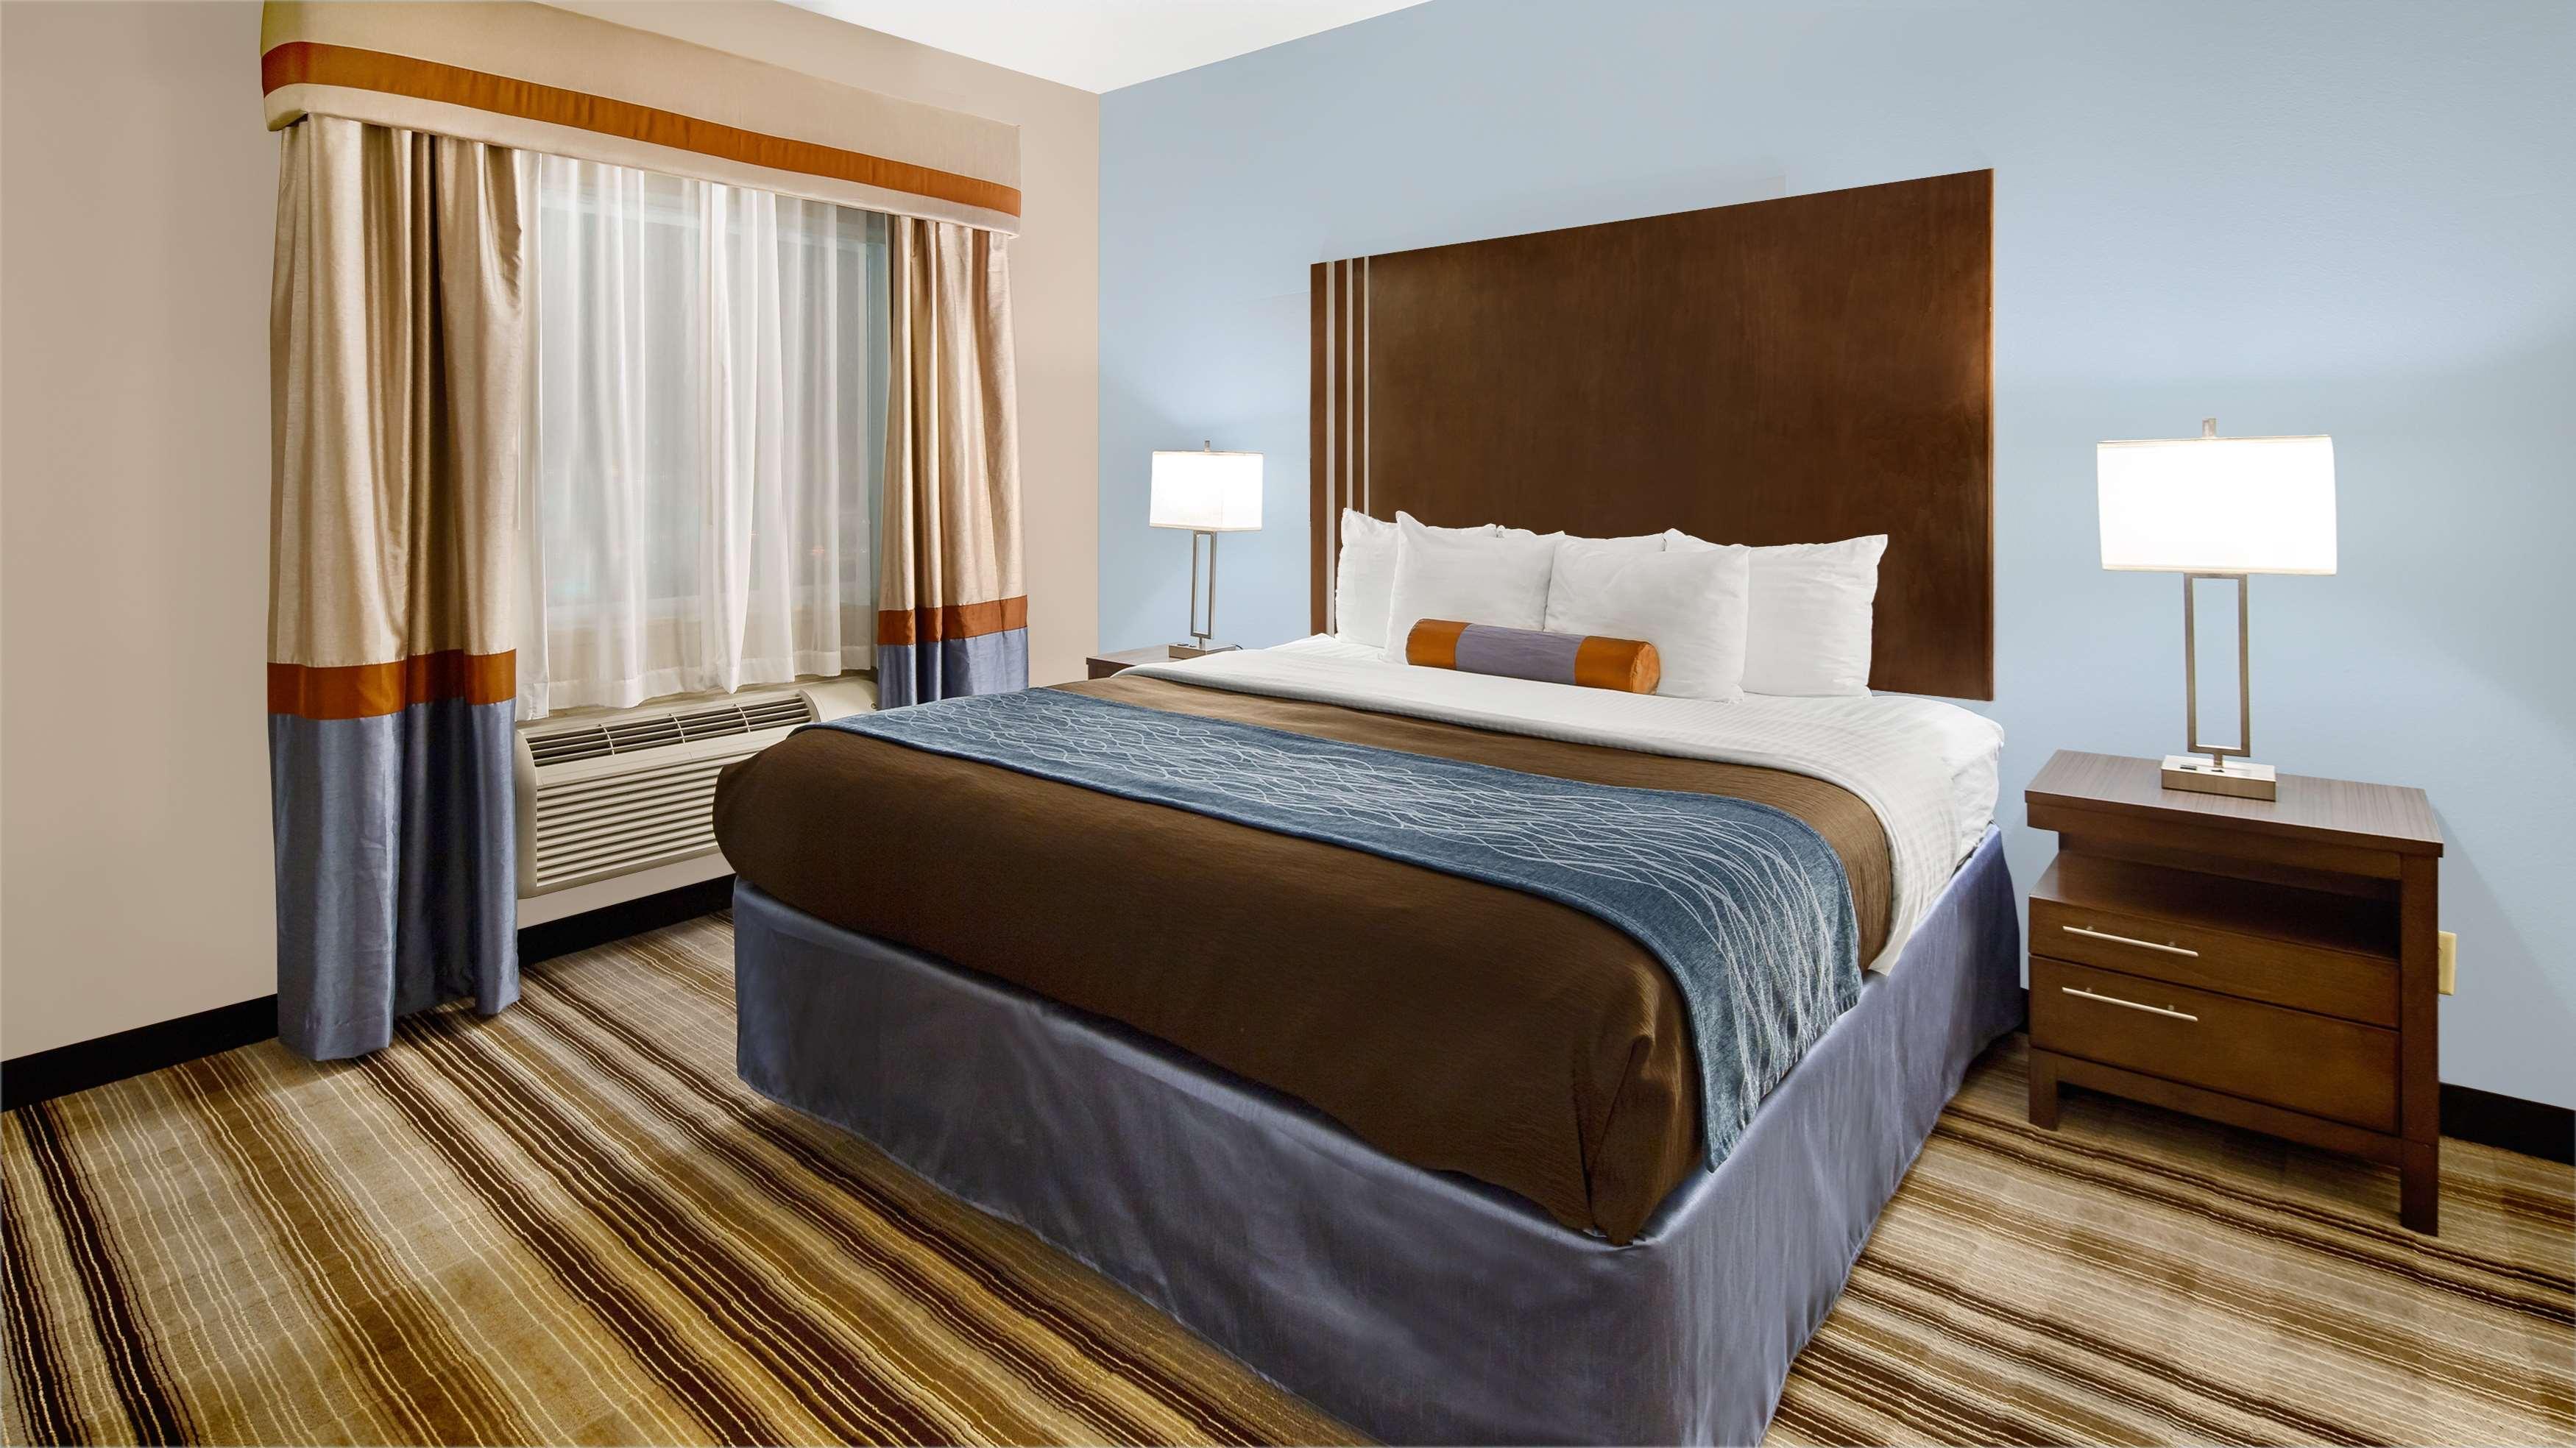 Best Western Plus Washington Hotel image 14